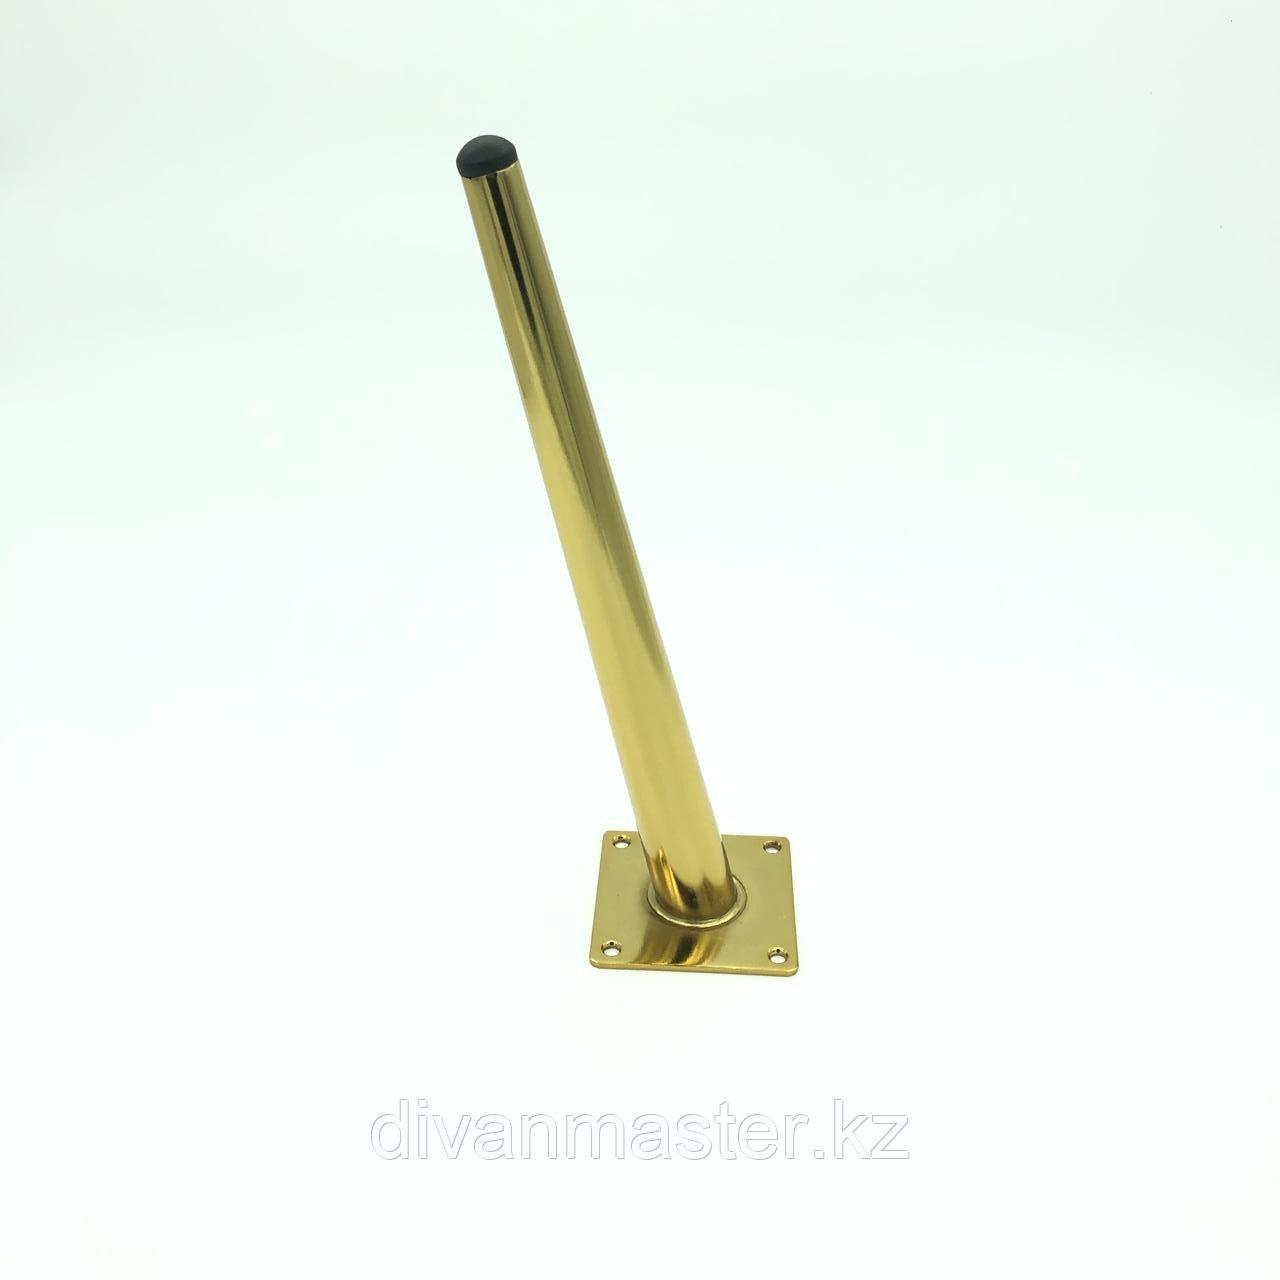 Ножка мебельная, стальная с наклоном 30 см.Золото